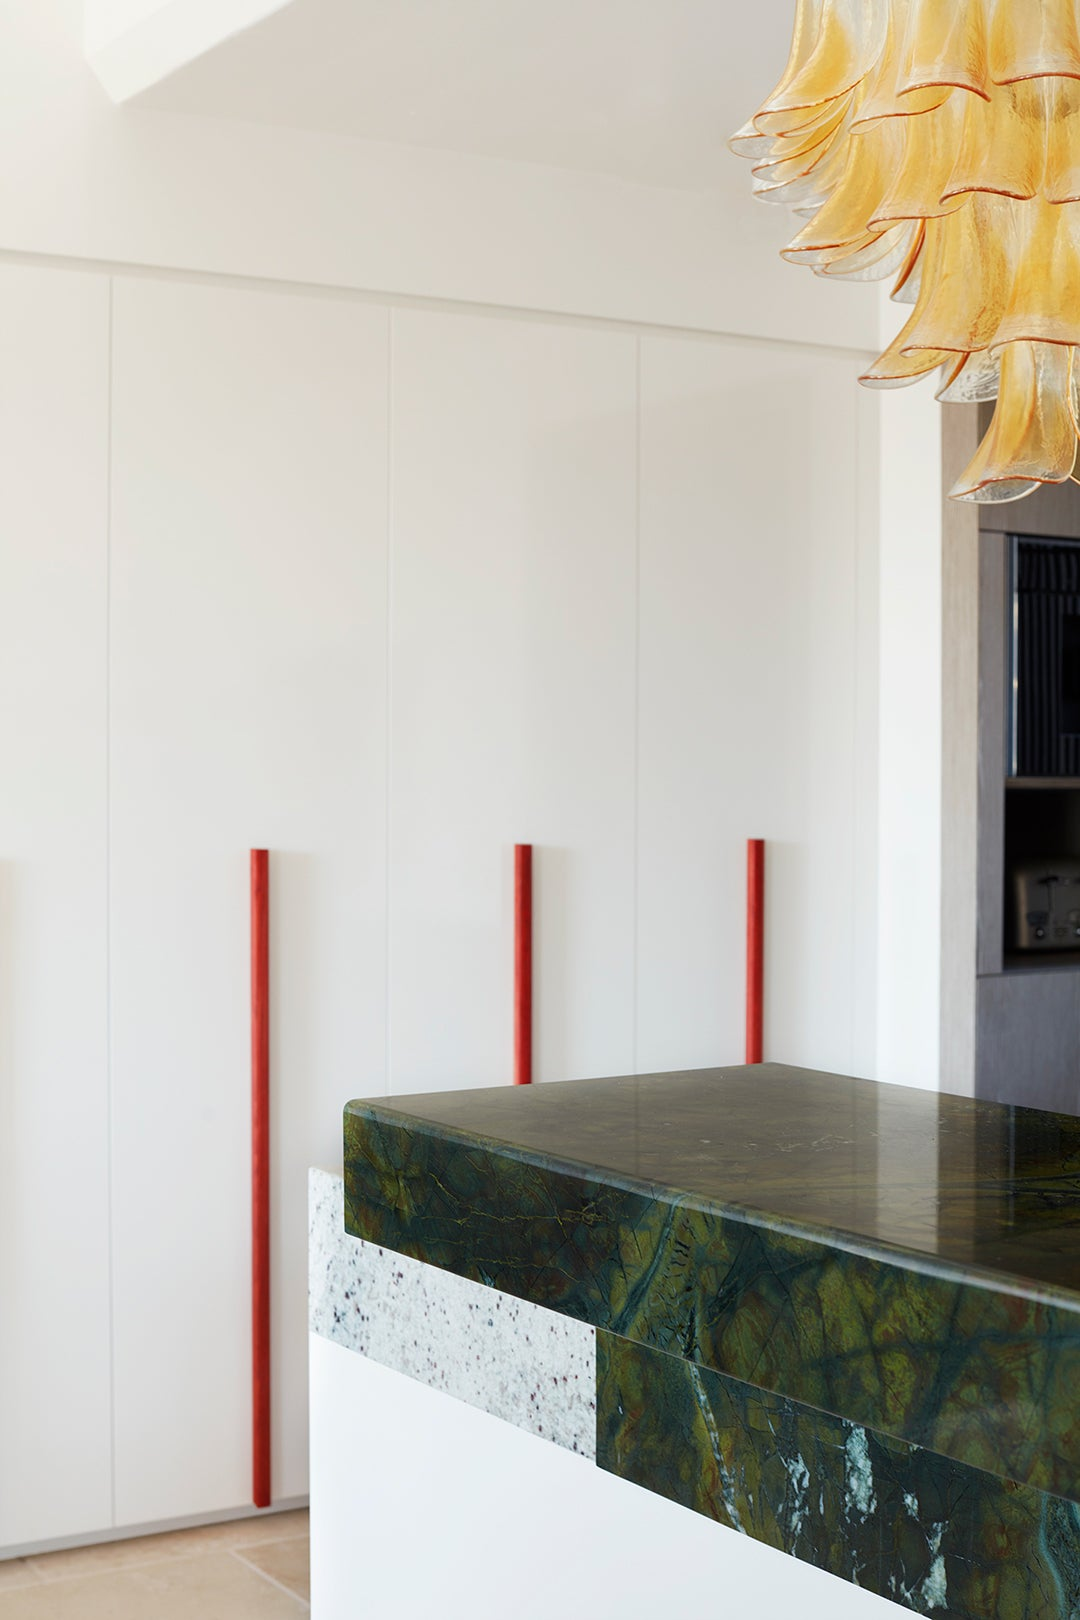 long red door handles